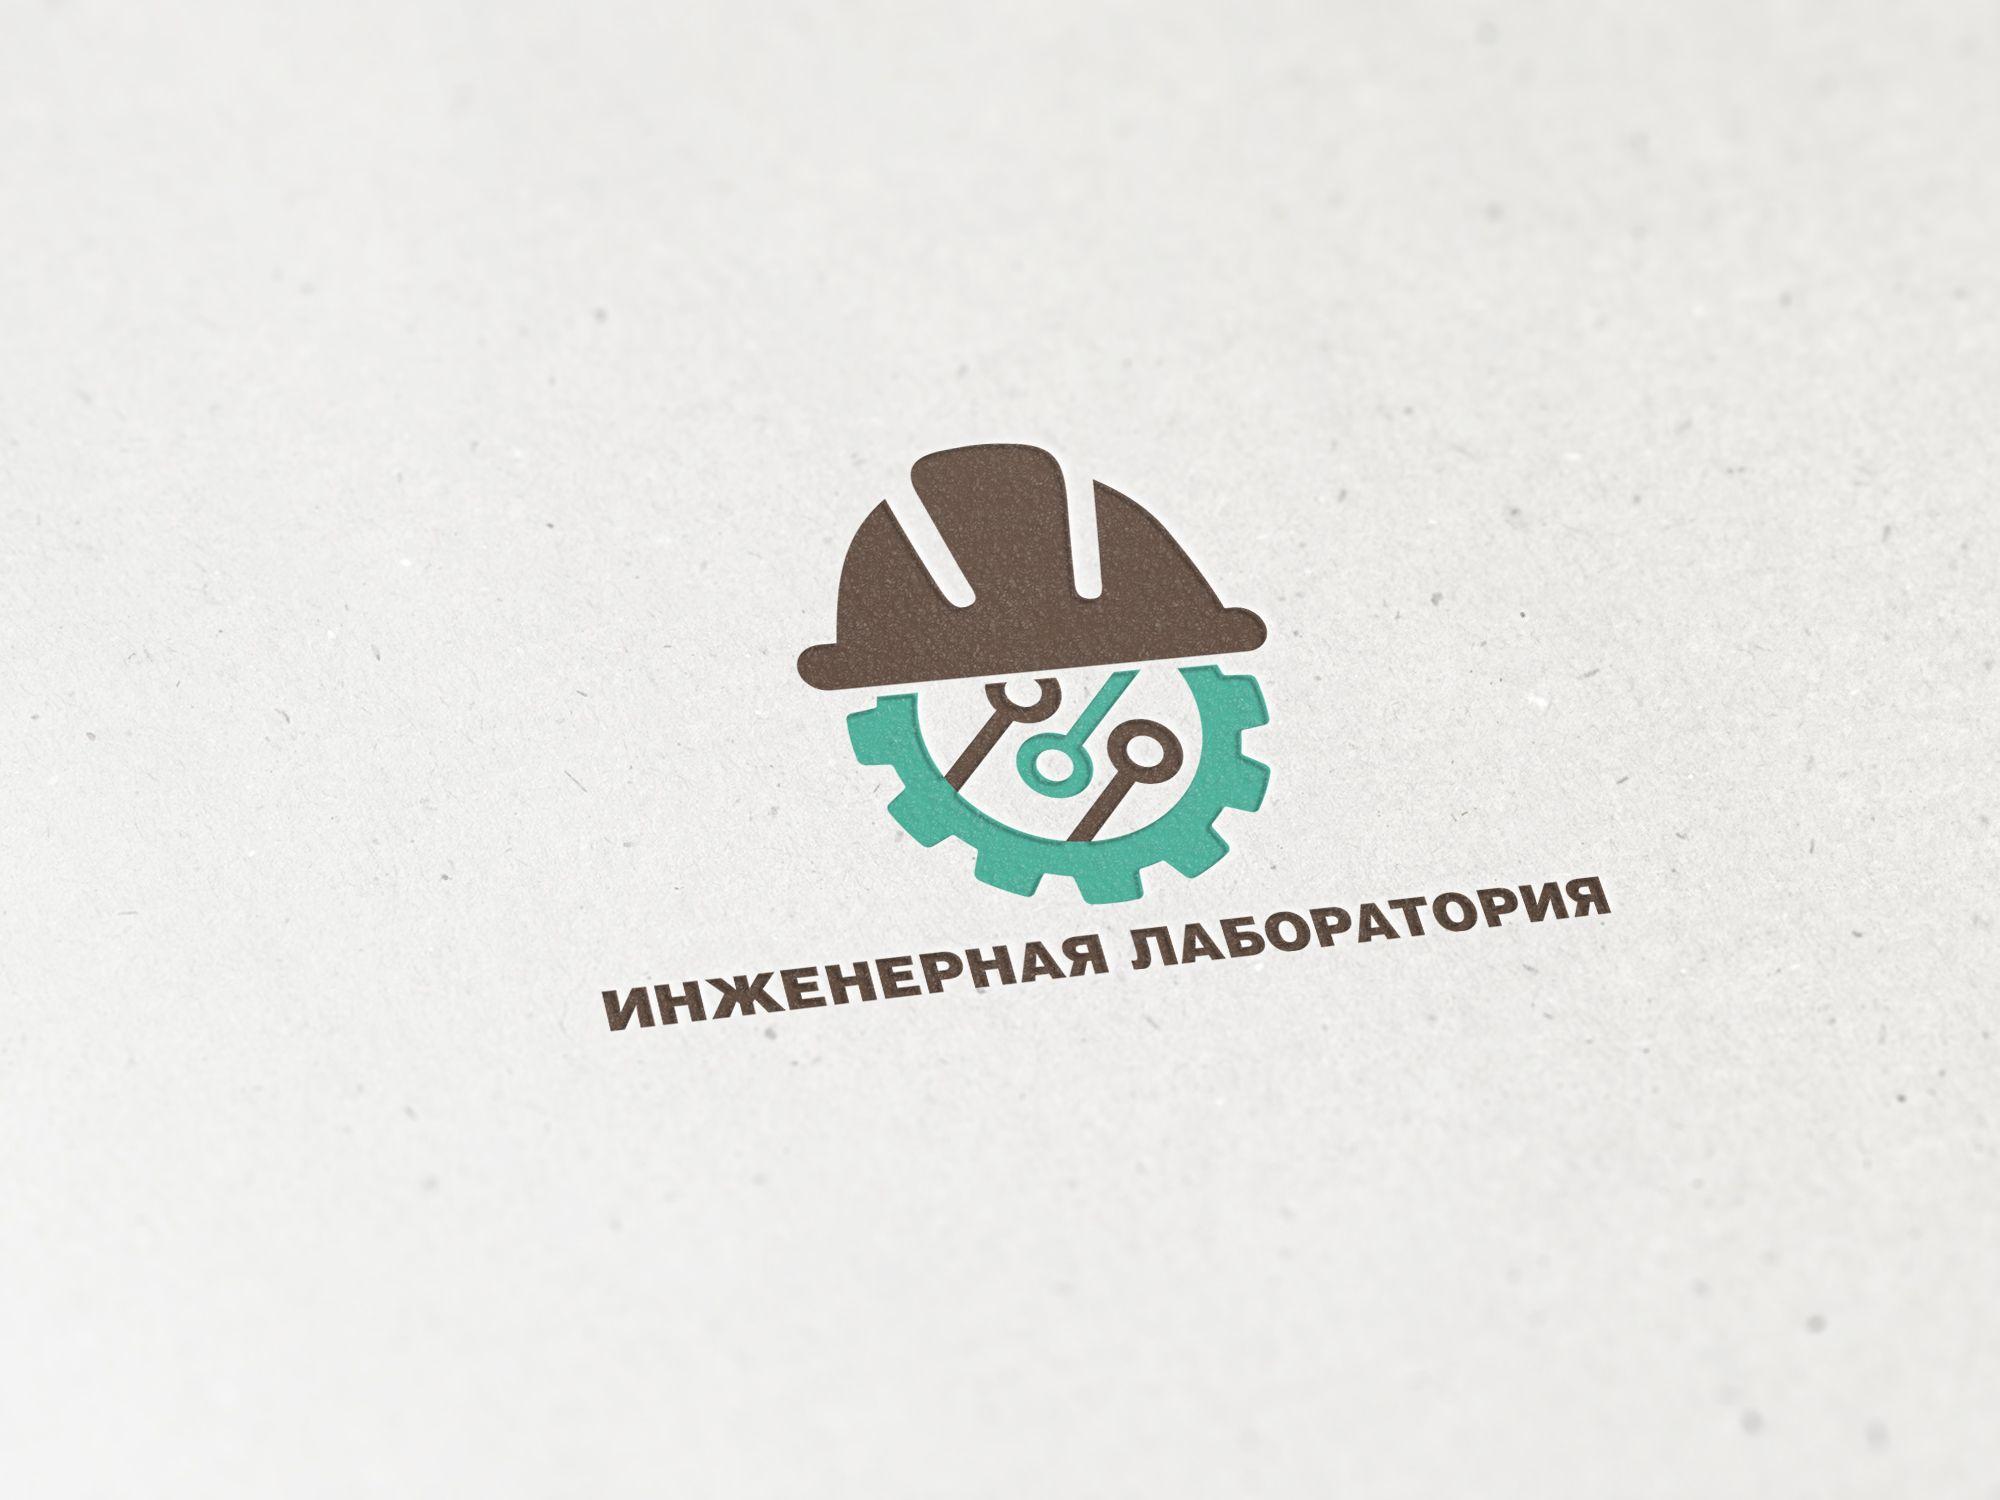 Лого и фирменный стиль для Инженерная лаборатория  - дизайнер nuta_m_